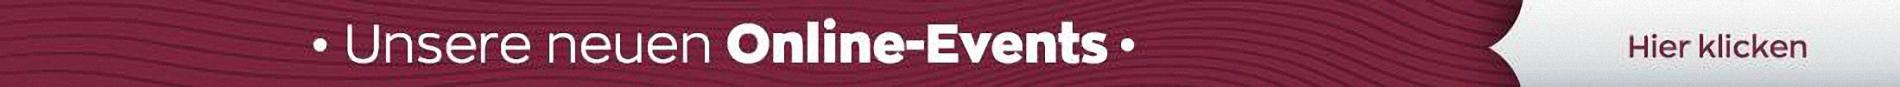 Unsere neuen Online Events